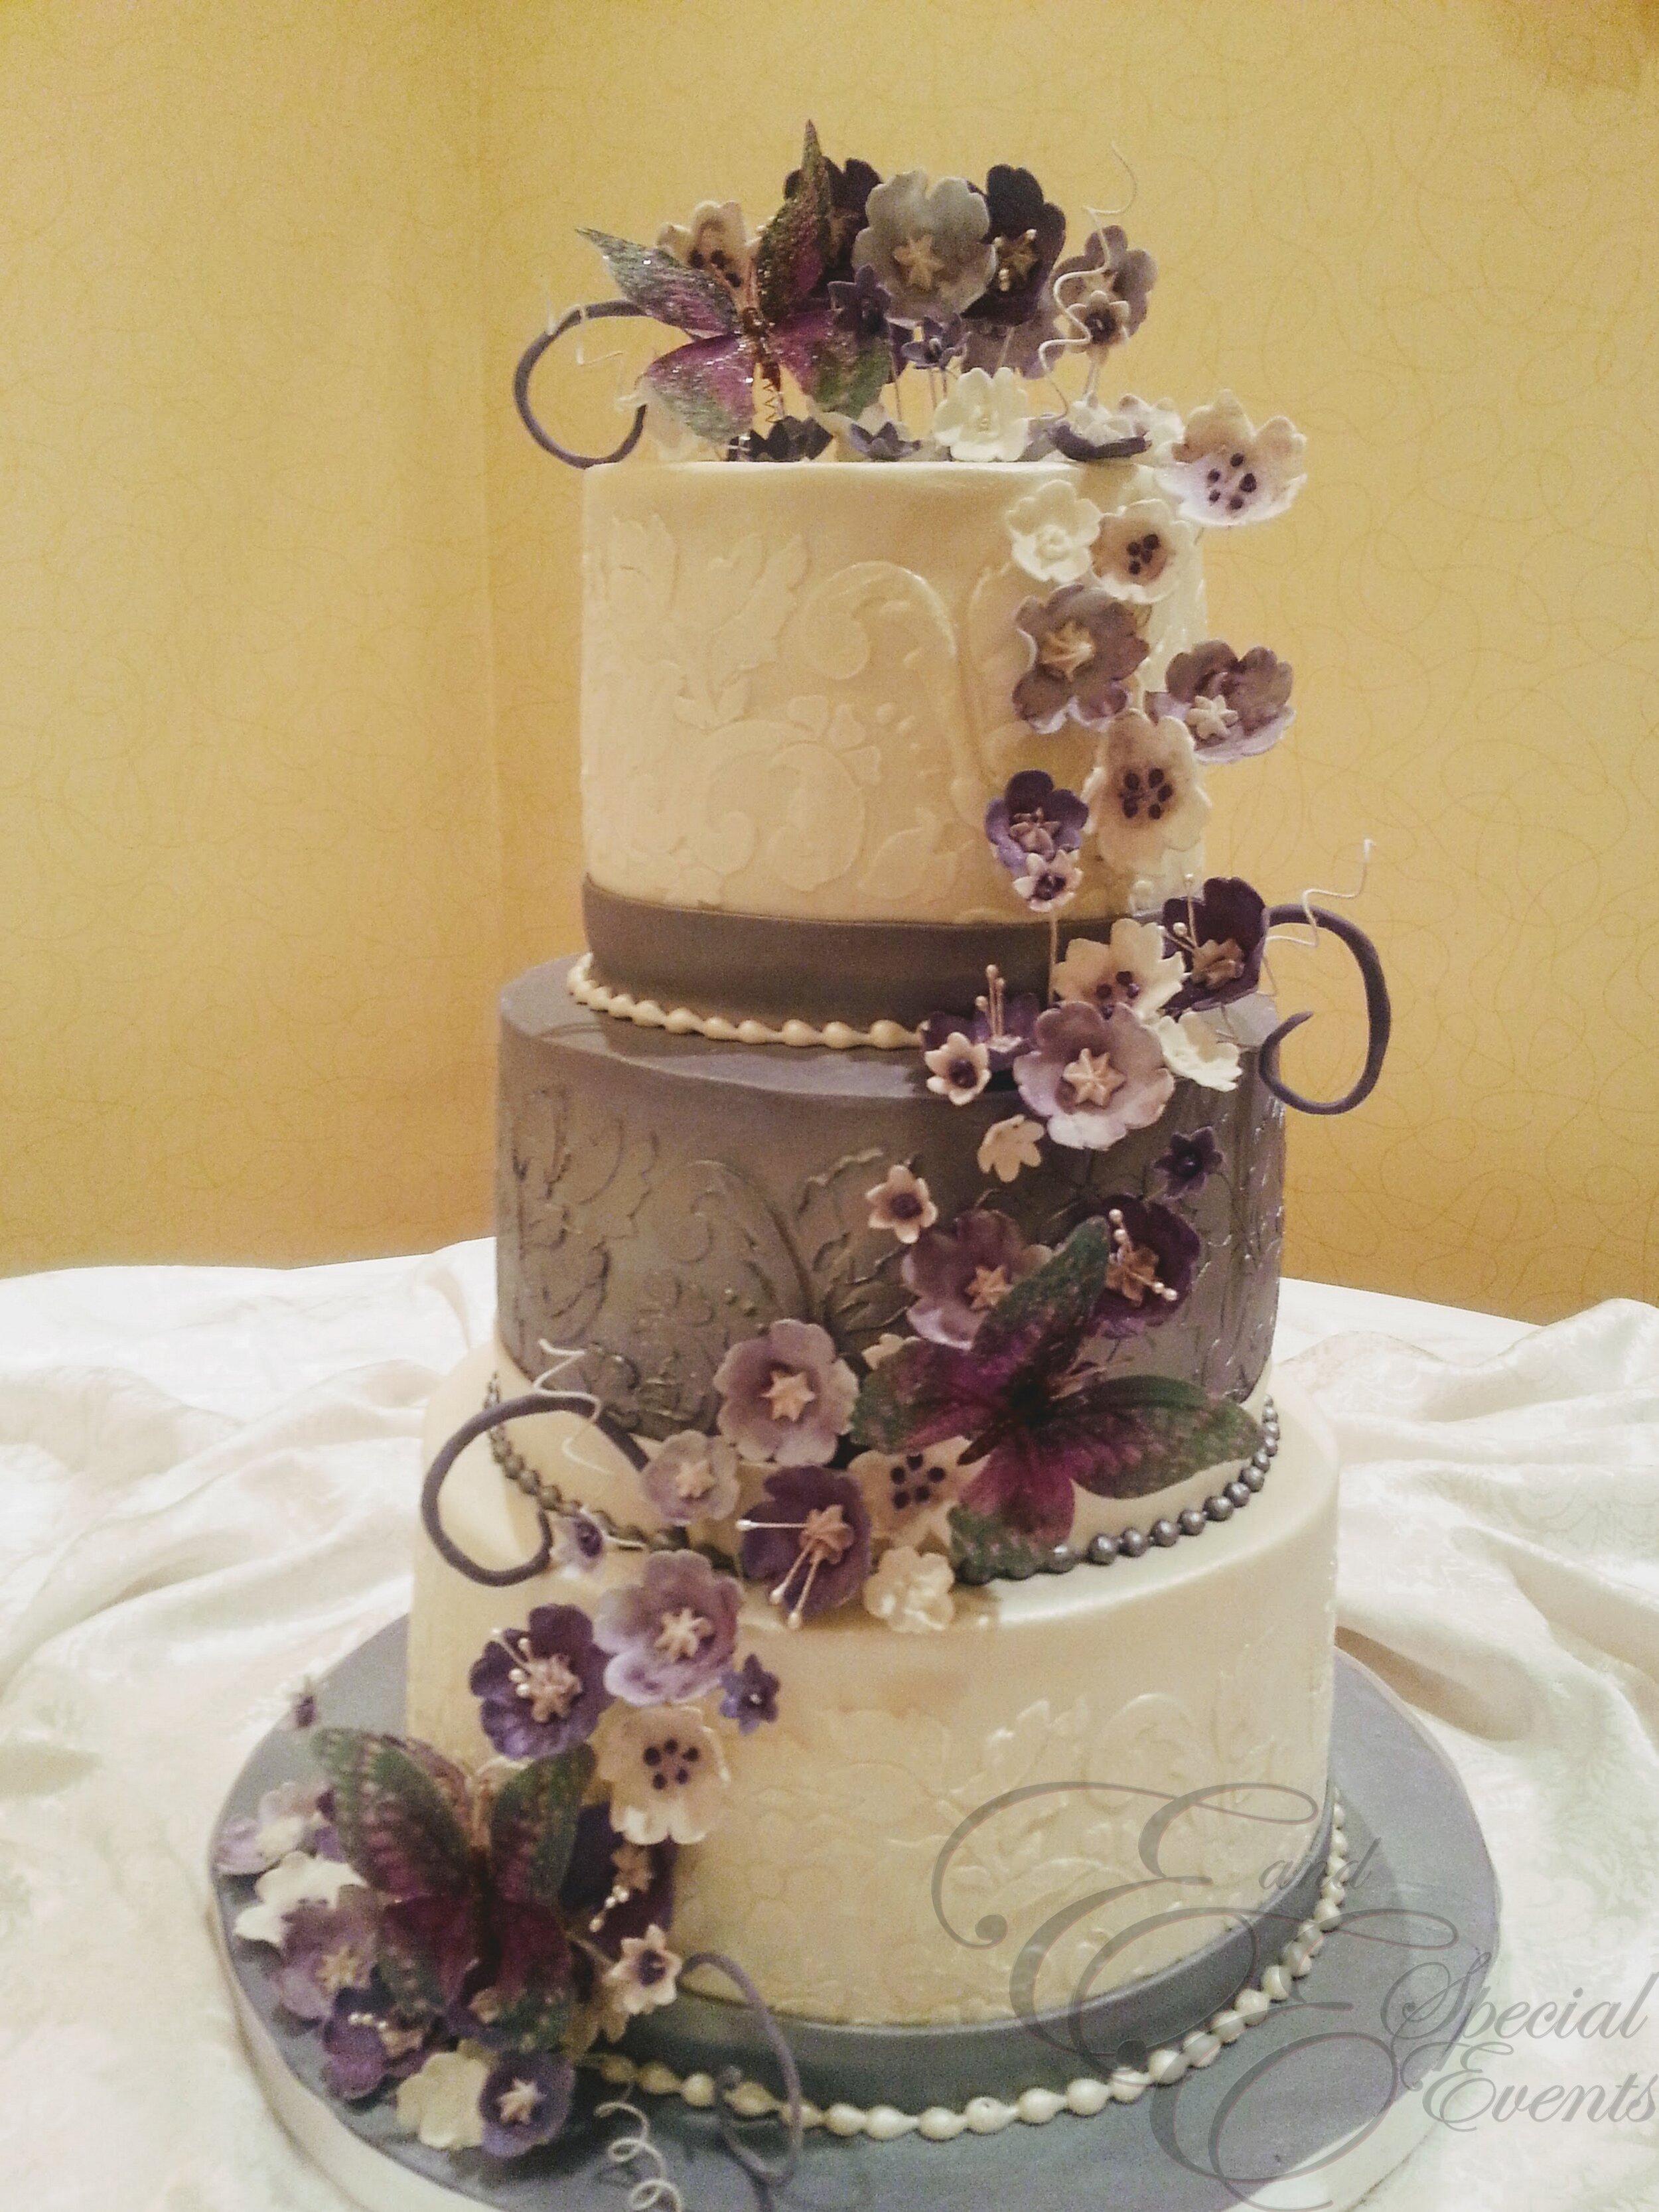 wedding_cakes_E_and_E_Special_Events_virginia_beach_6.jpg